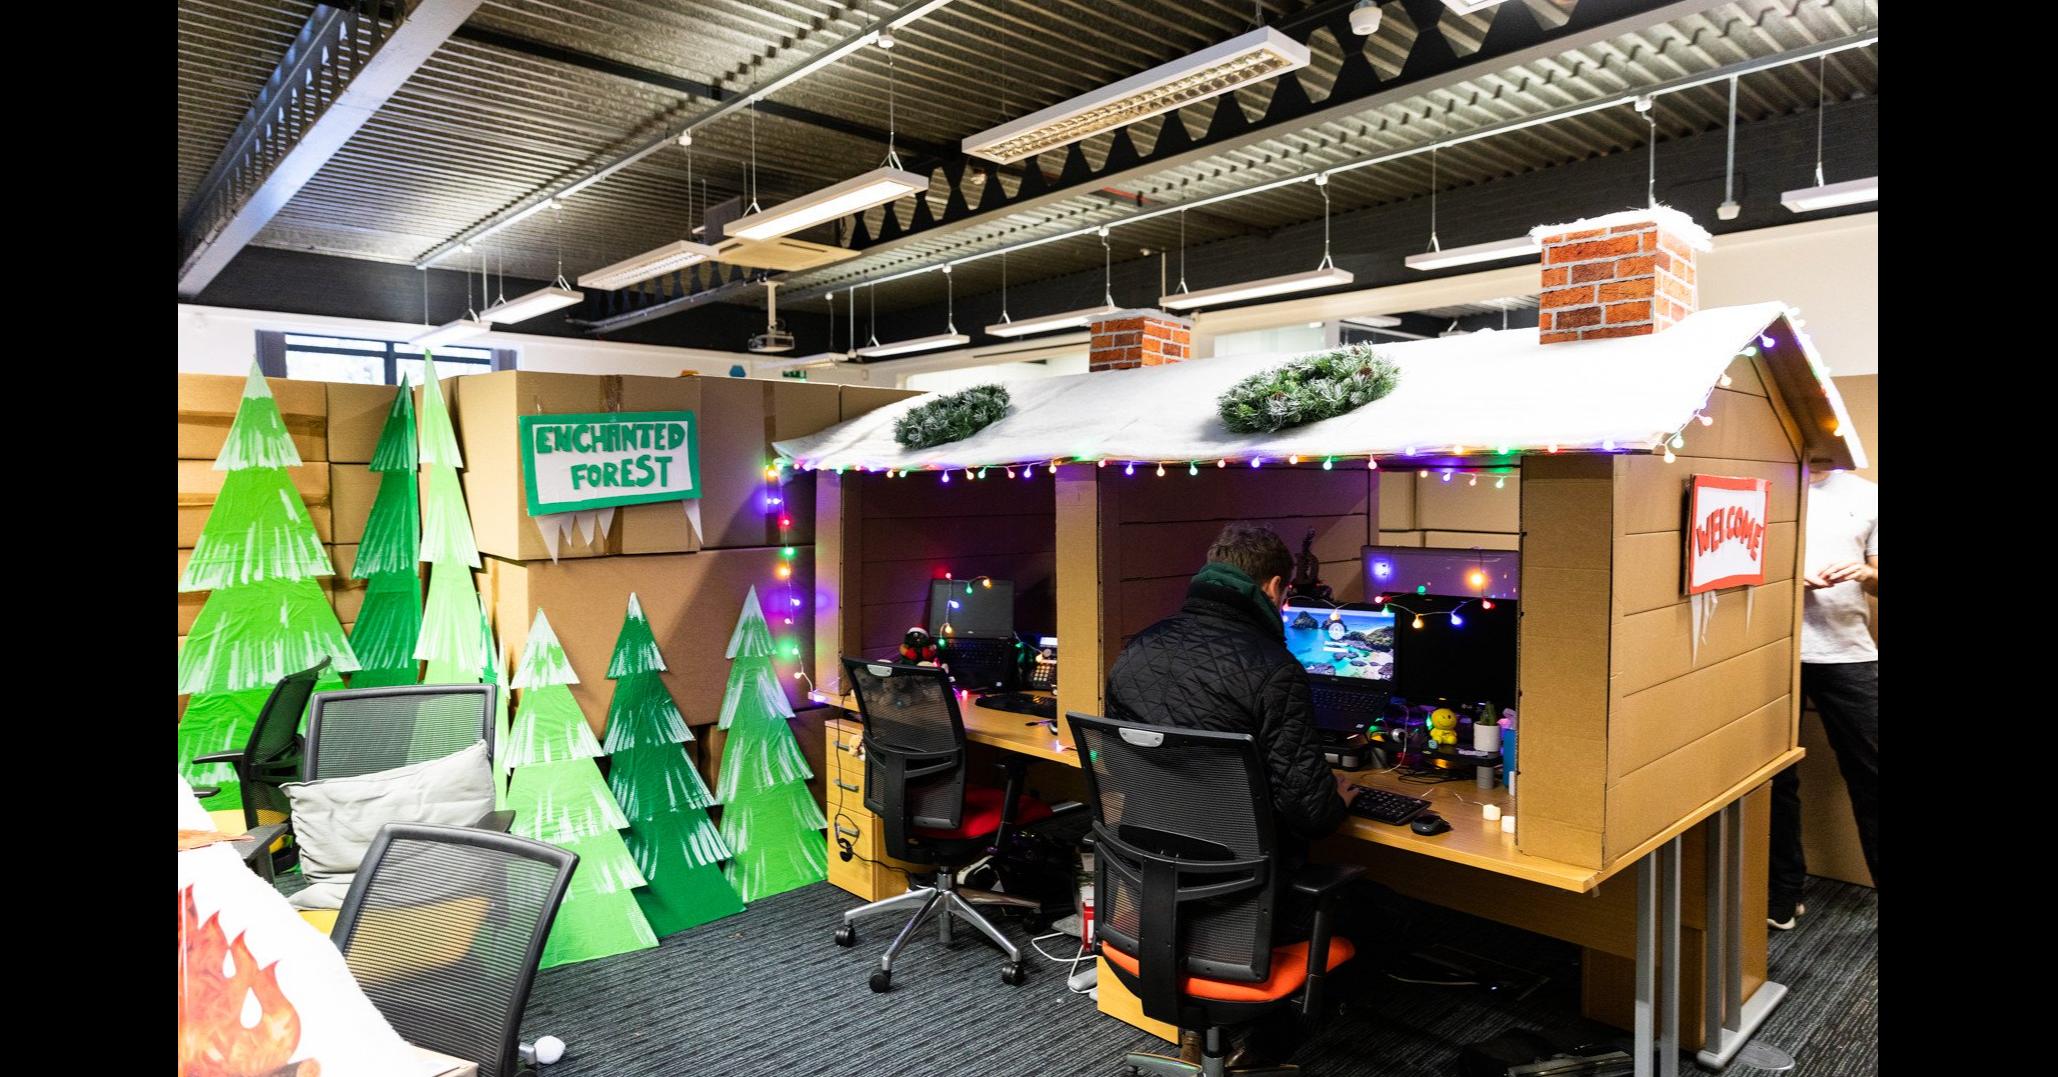 照片中提到了ENCHINTED、FOREST,包含了室內設計、迷宮、難題、迷宮球拼圖、室內設計服務